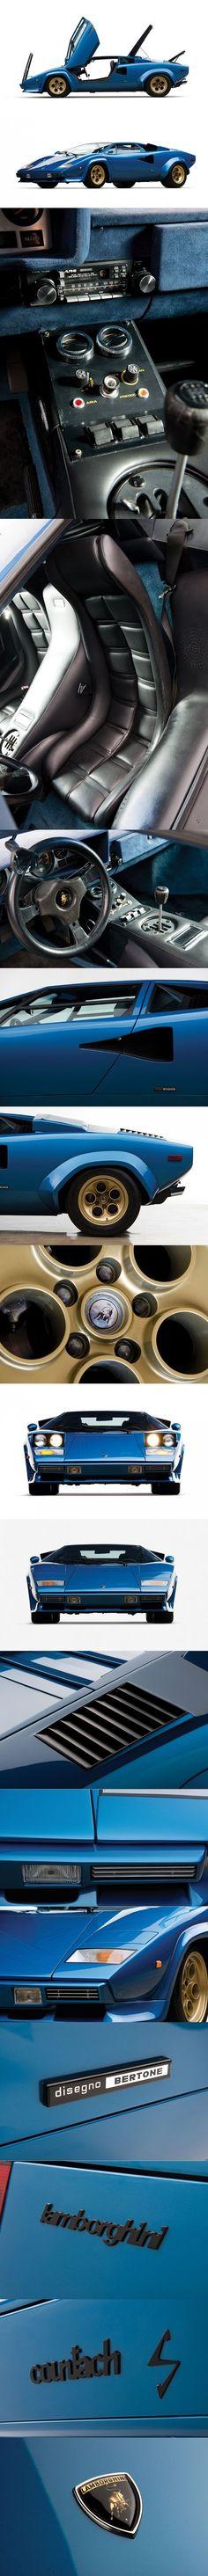 cool 1978 Lamborghini Countach LP400S / Marcello Gandini @ Bertone / Italy / blue gol...  Lamborghini Check more at http://autoboard.pro/2017/2017/02/28/1978-lamborghini-countach-lp400s-marcello-gandini-bertone-italy-blue-gol-lamborghini/